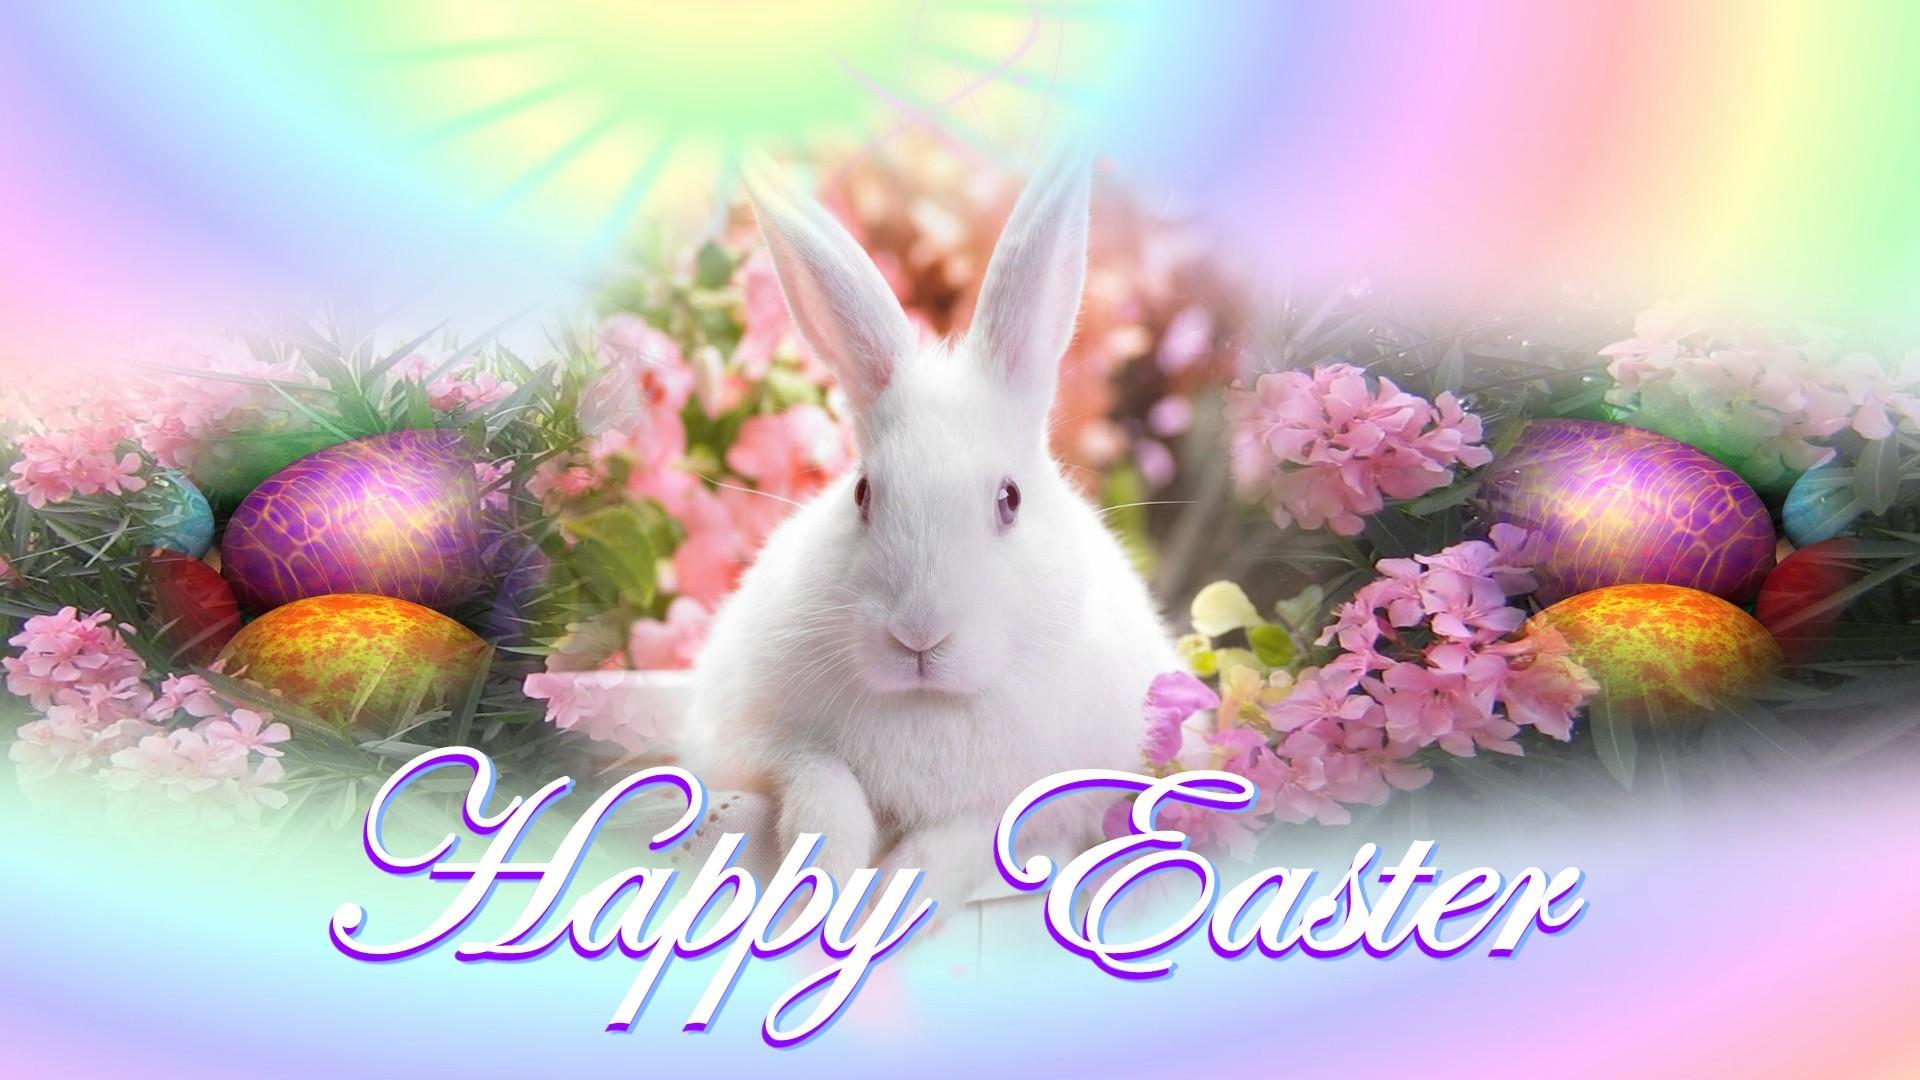 Happy Easter Bunny Wallpaper HD 1920x1080 ImageBankbiz 1920x1080